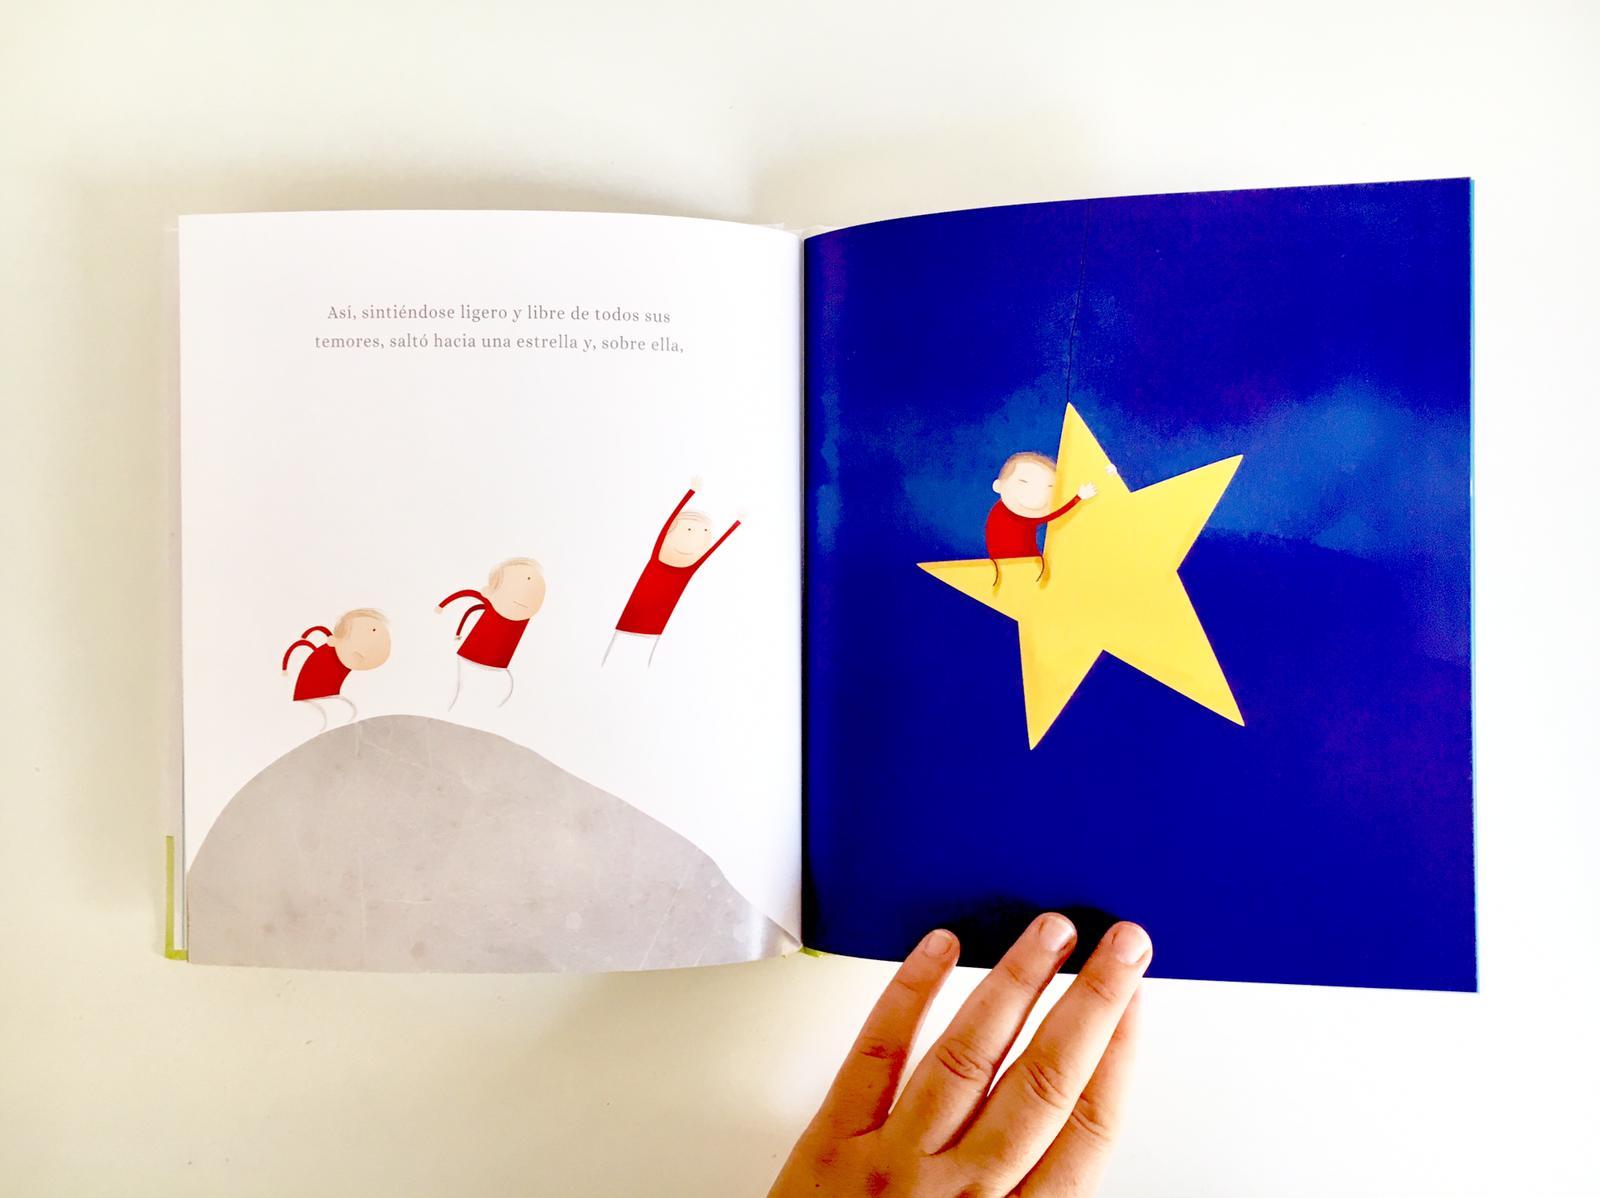 niño y el cofre alcanzando la estrella